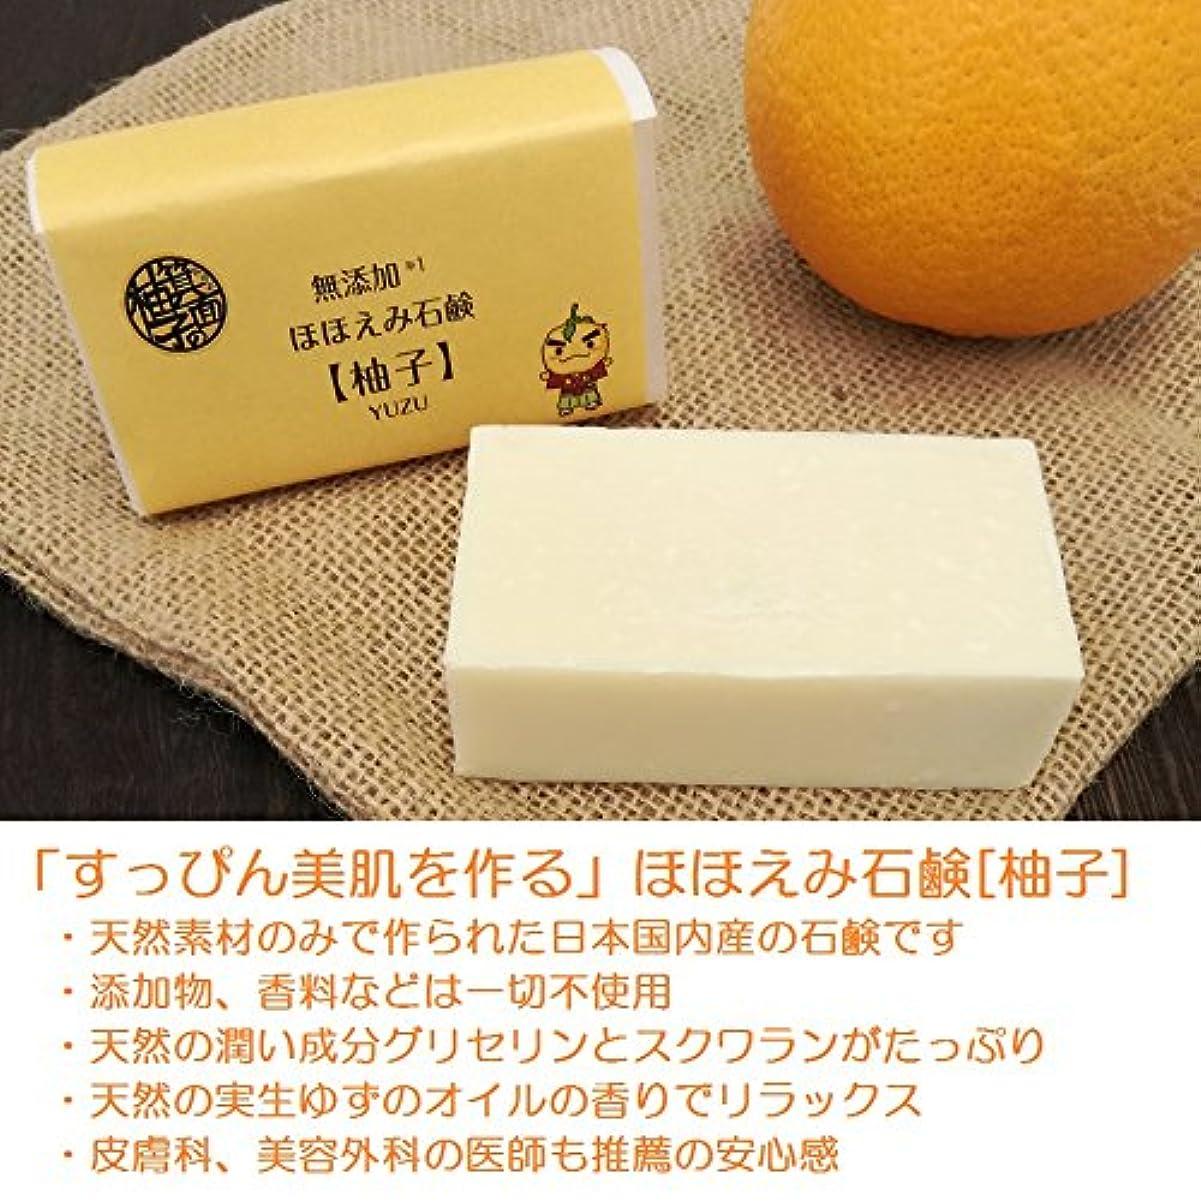 天同時首相すっぴん美肌を作る ほほえみ石鹸 柚子 オリーブオイル 無添加 オーガニック 日本製 80g